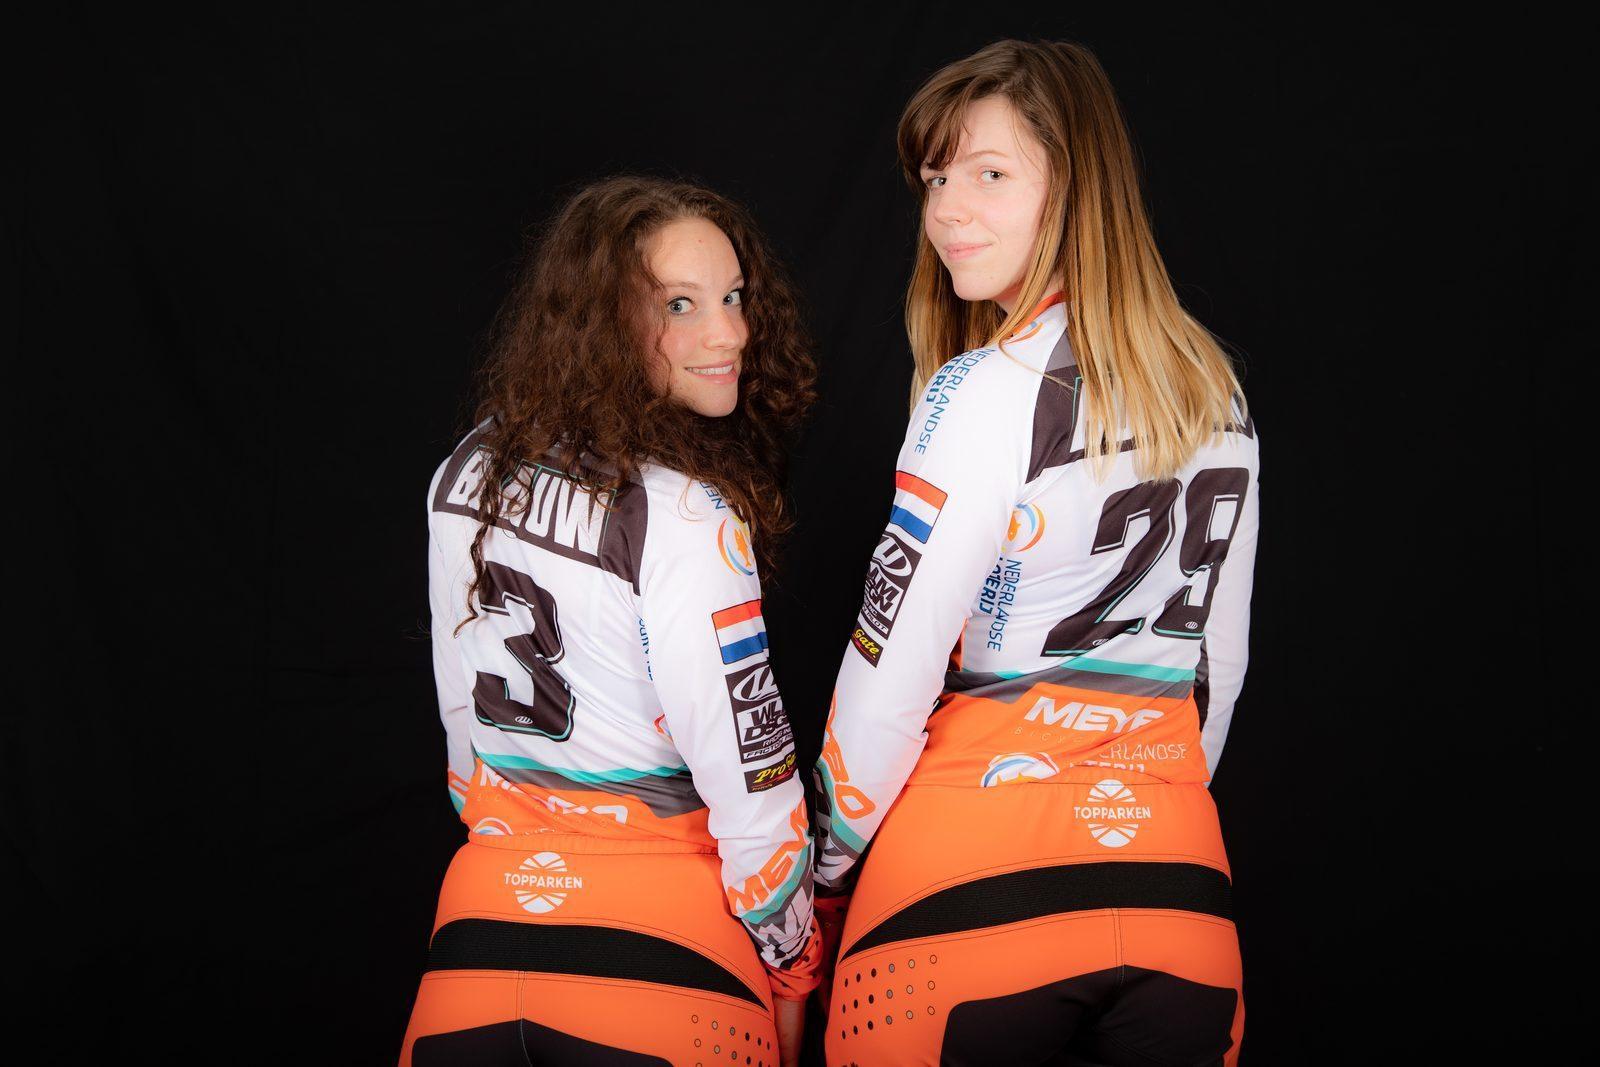 TopParken soutient les pilotes de BMX néerlandais